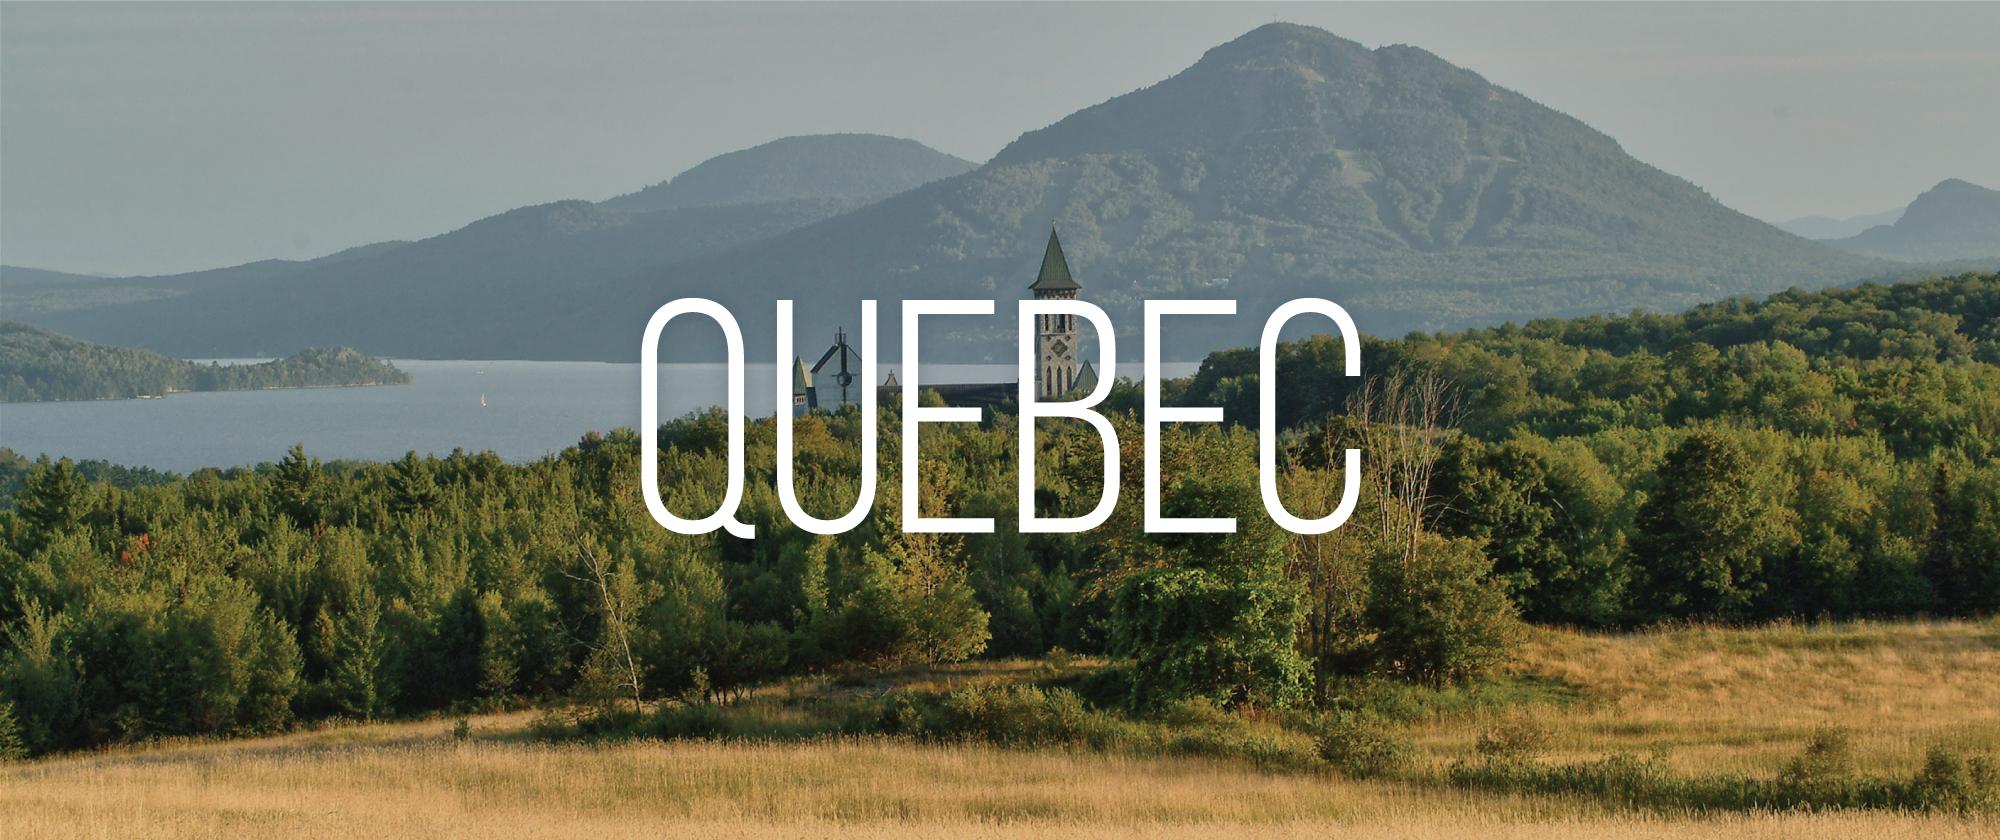 Quebec-Header.jpg